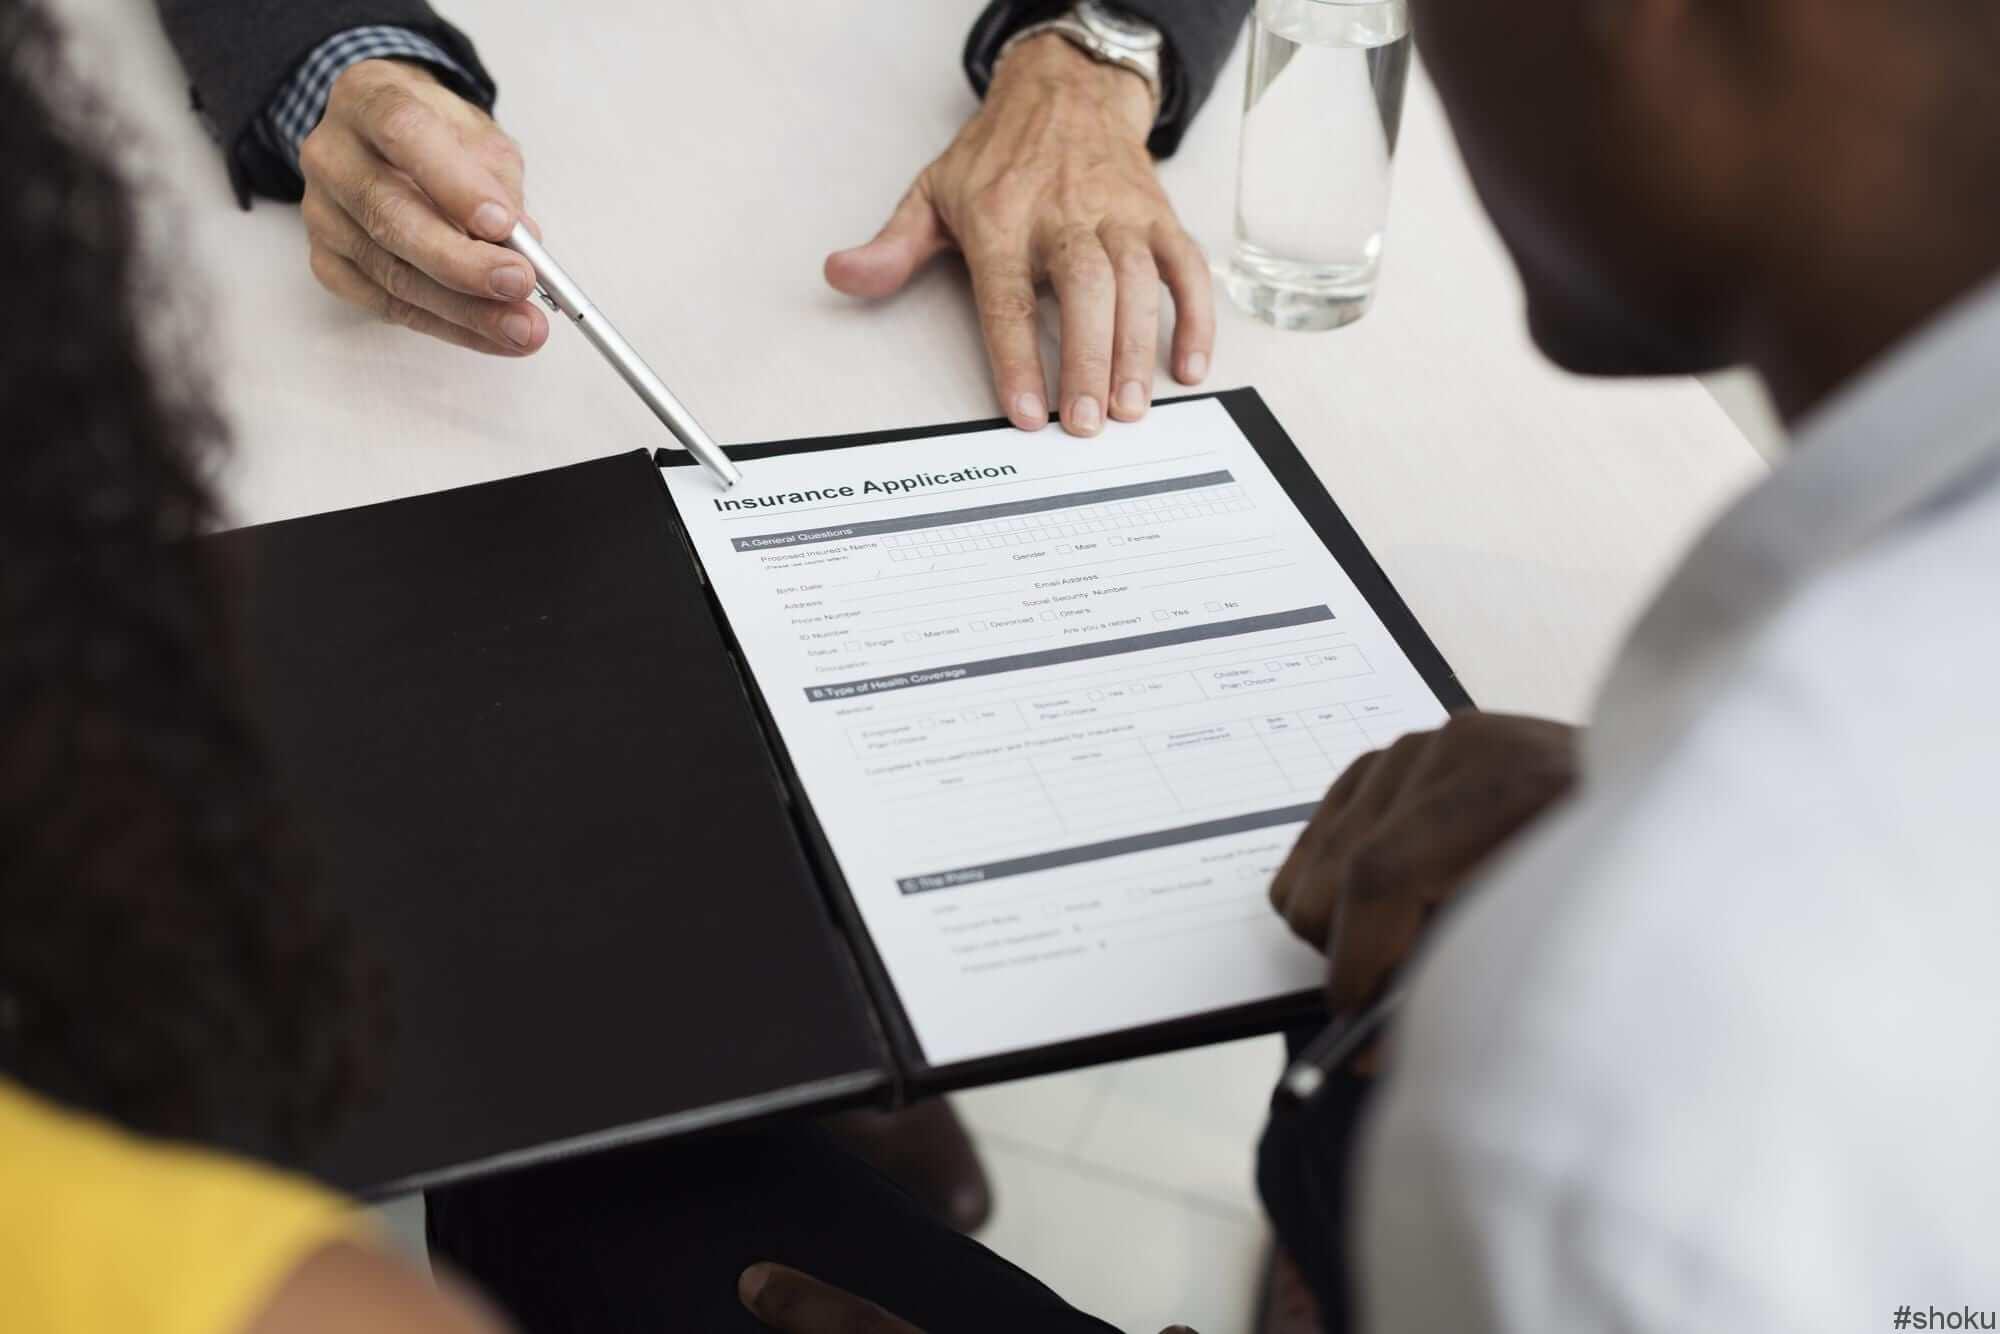 派遣会社の登録会で重要事項を説明される様子